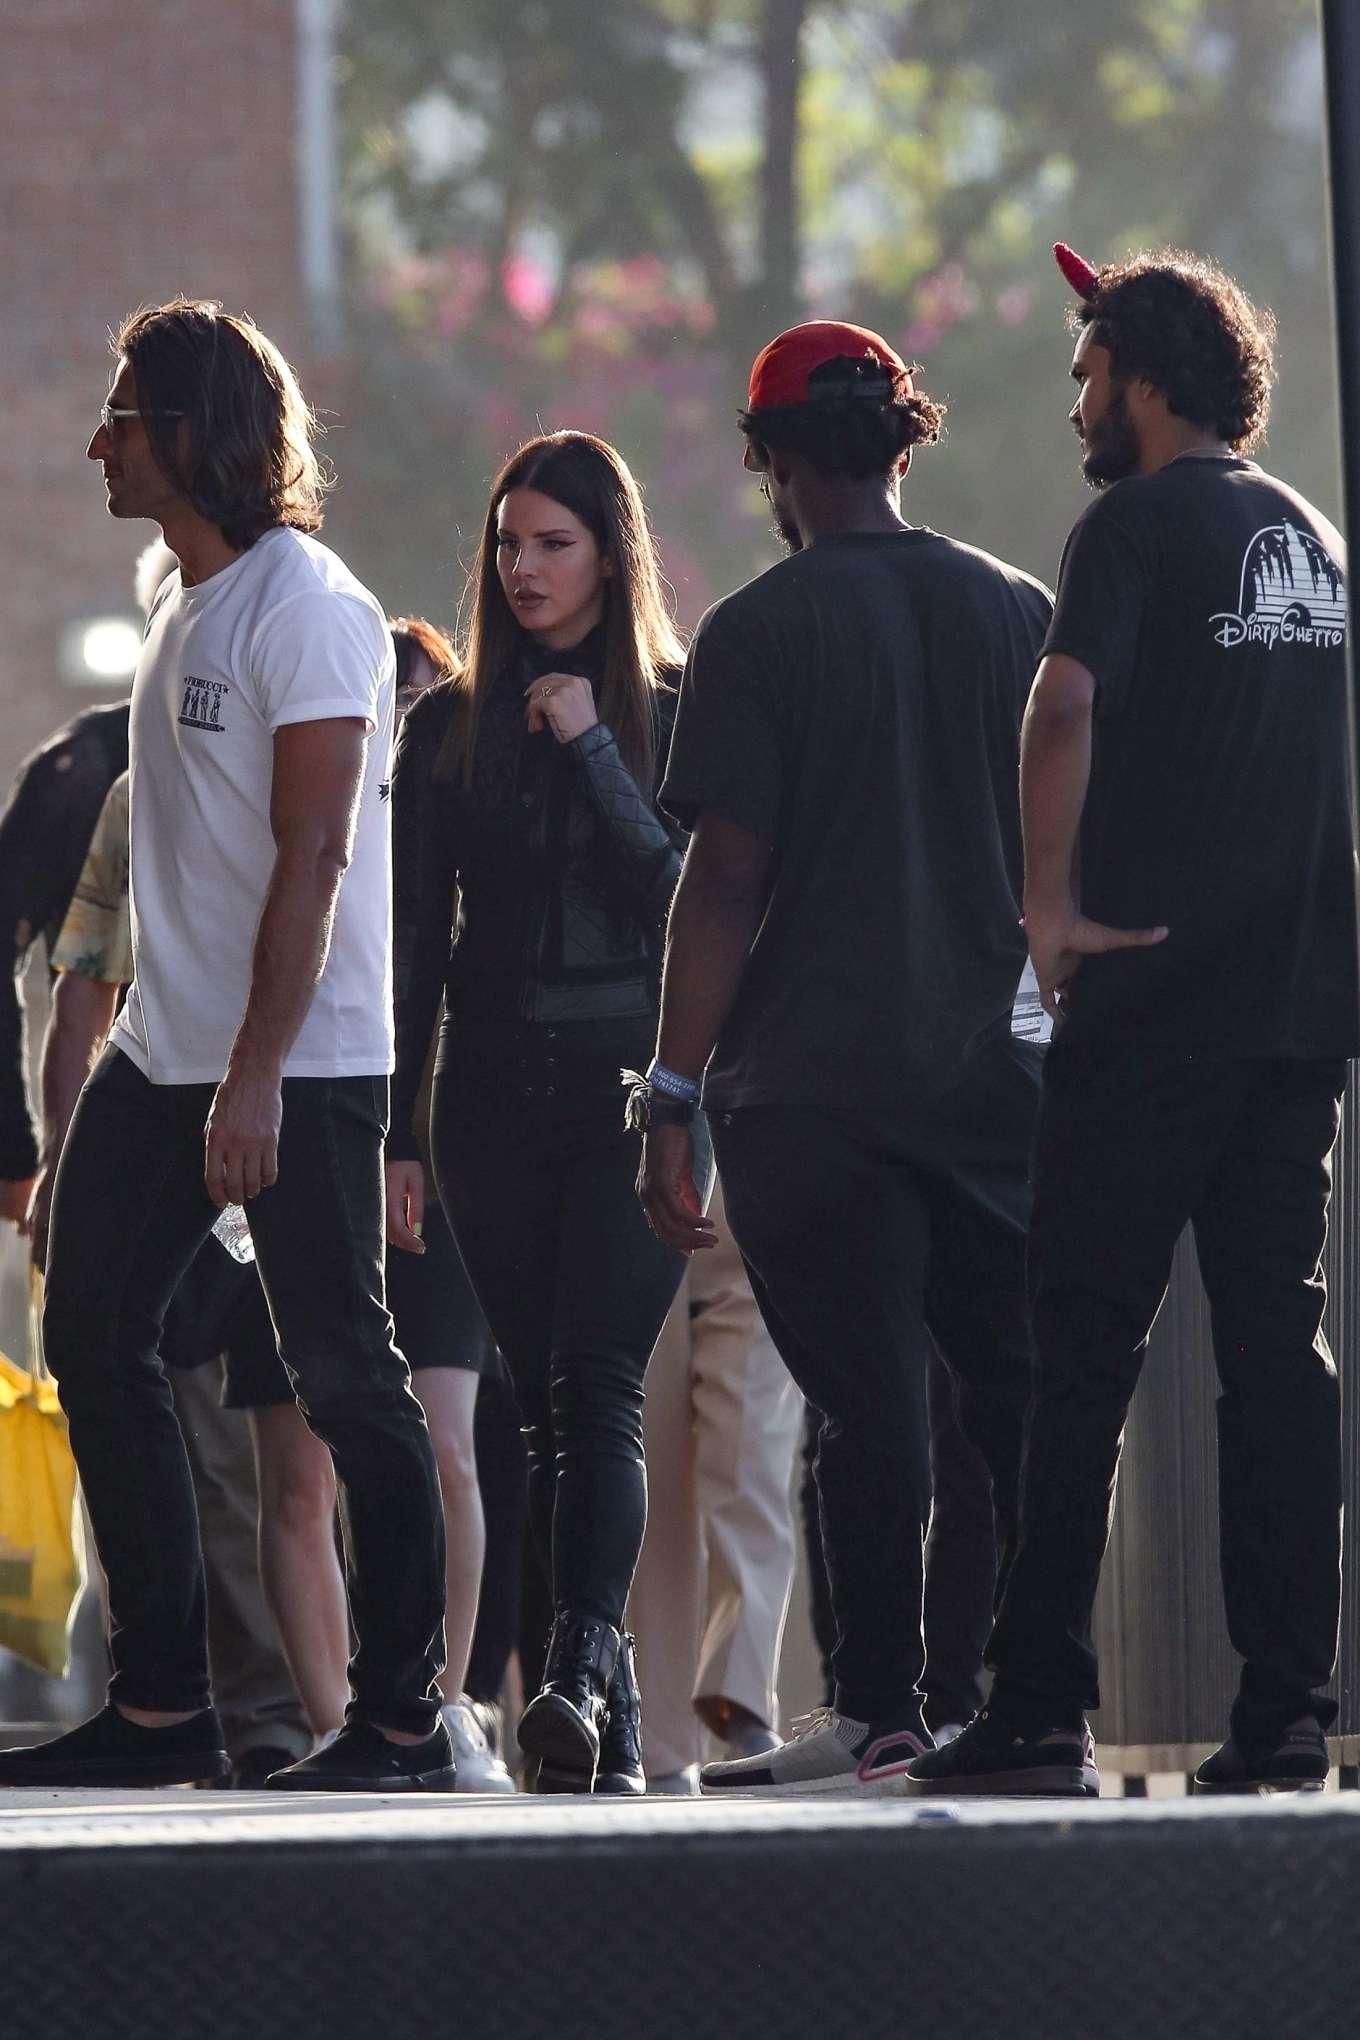 Lana Del Rey 2019 : Lana Del Rey – Shoots a music video in Los Angeles-15